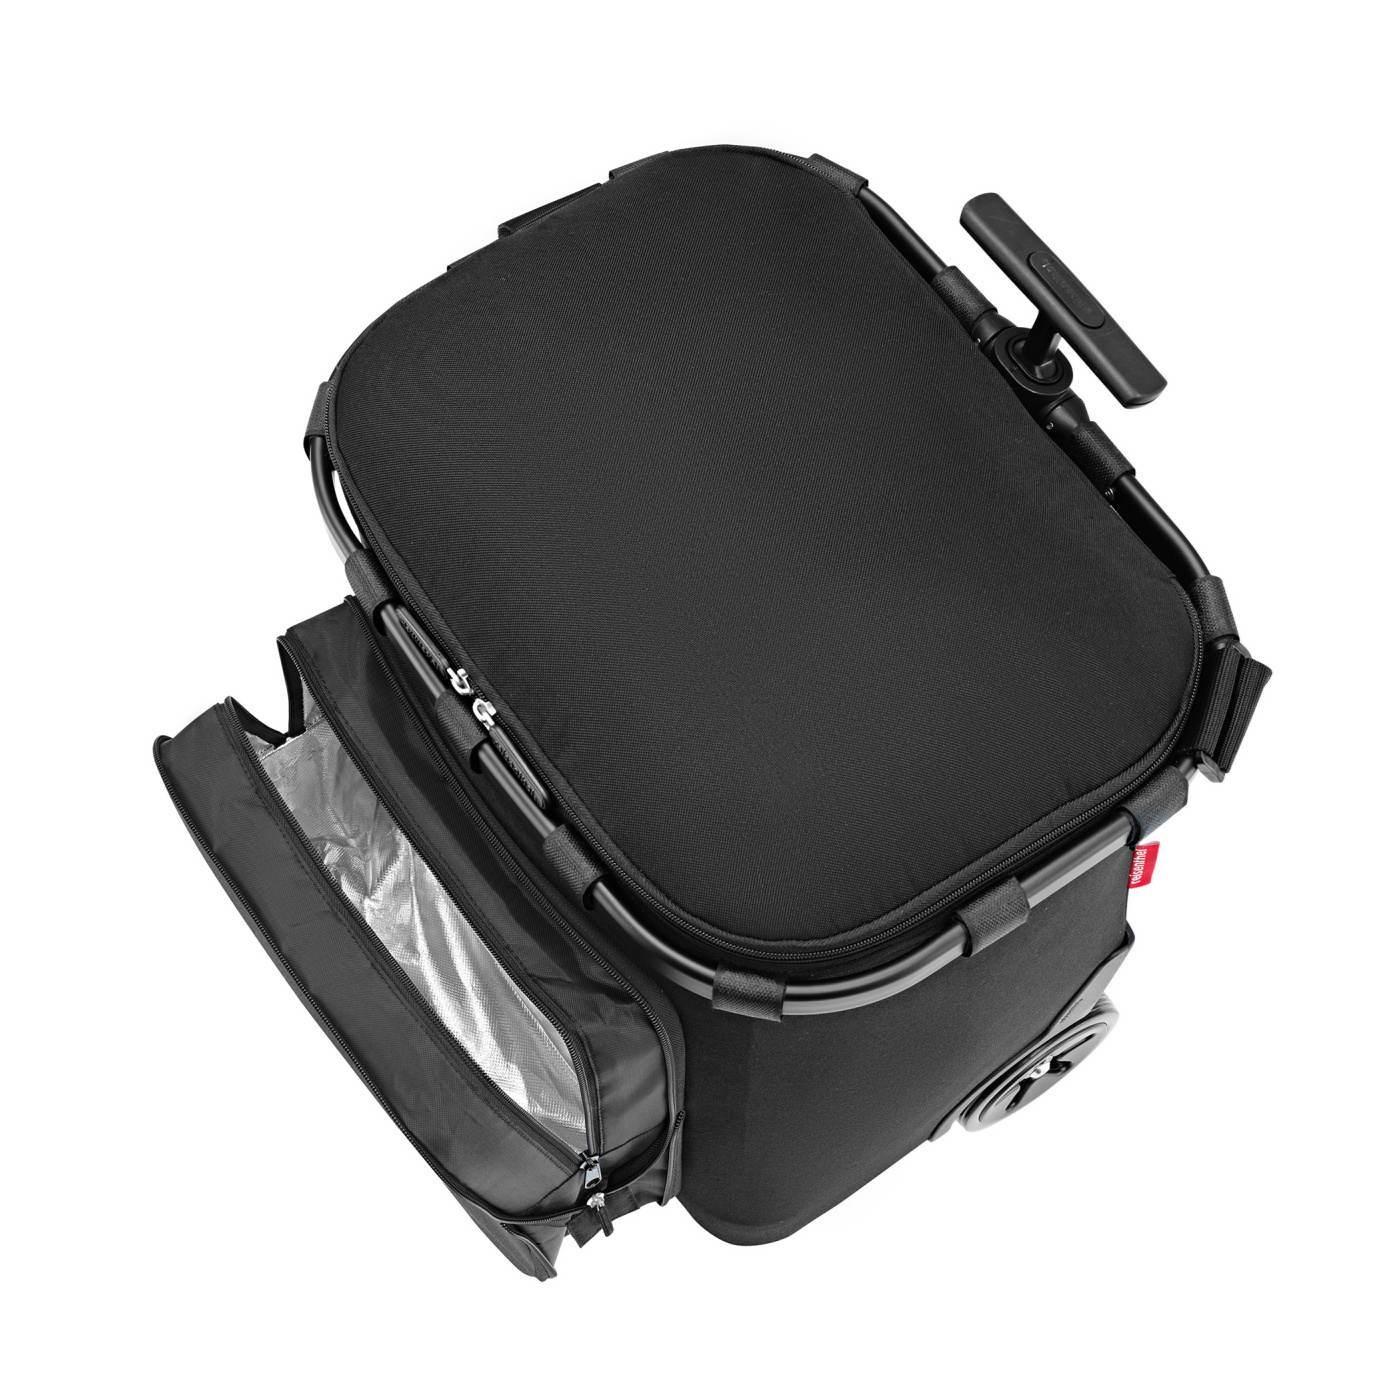 Taška na kolečkách Carrycruiser plus frame black_1